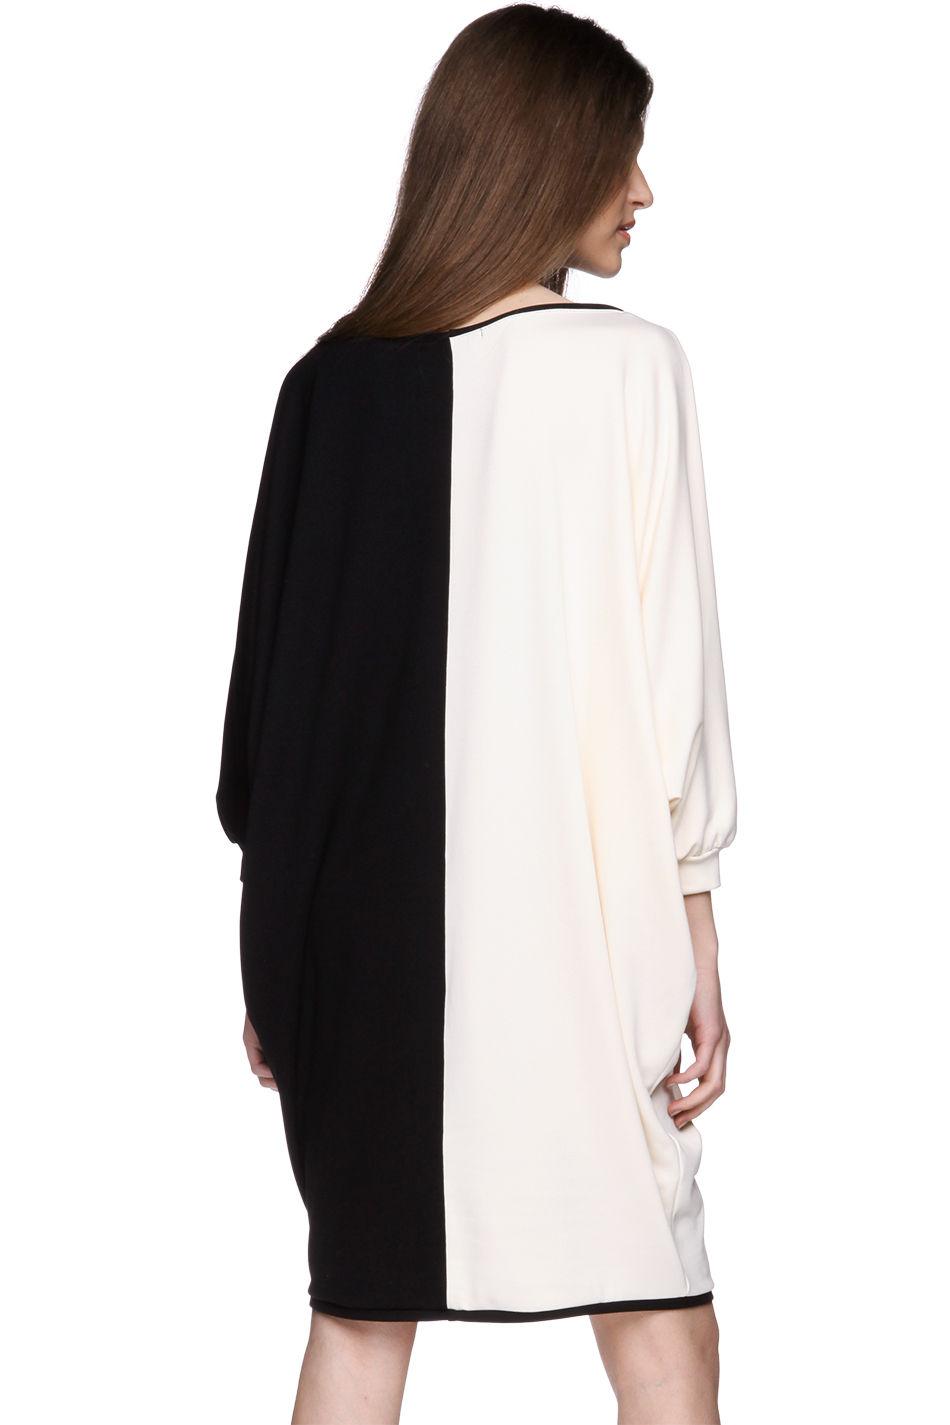 e4ecd4a7b8 Sukienka geometryczna biało-czarna